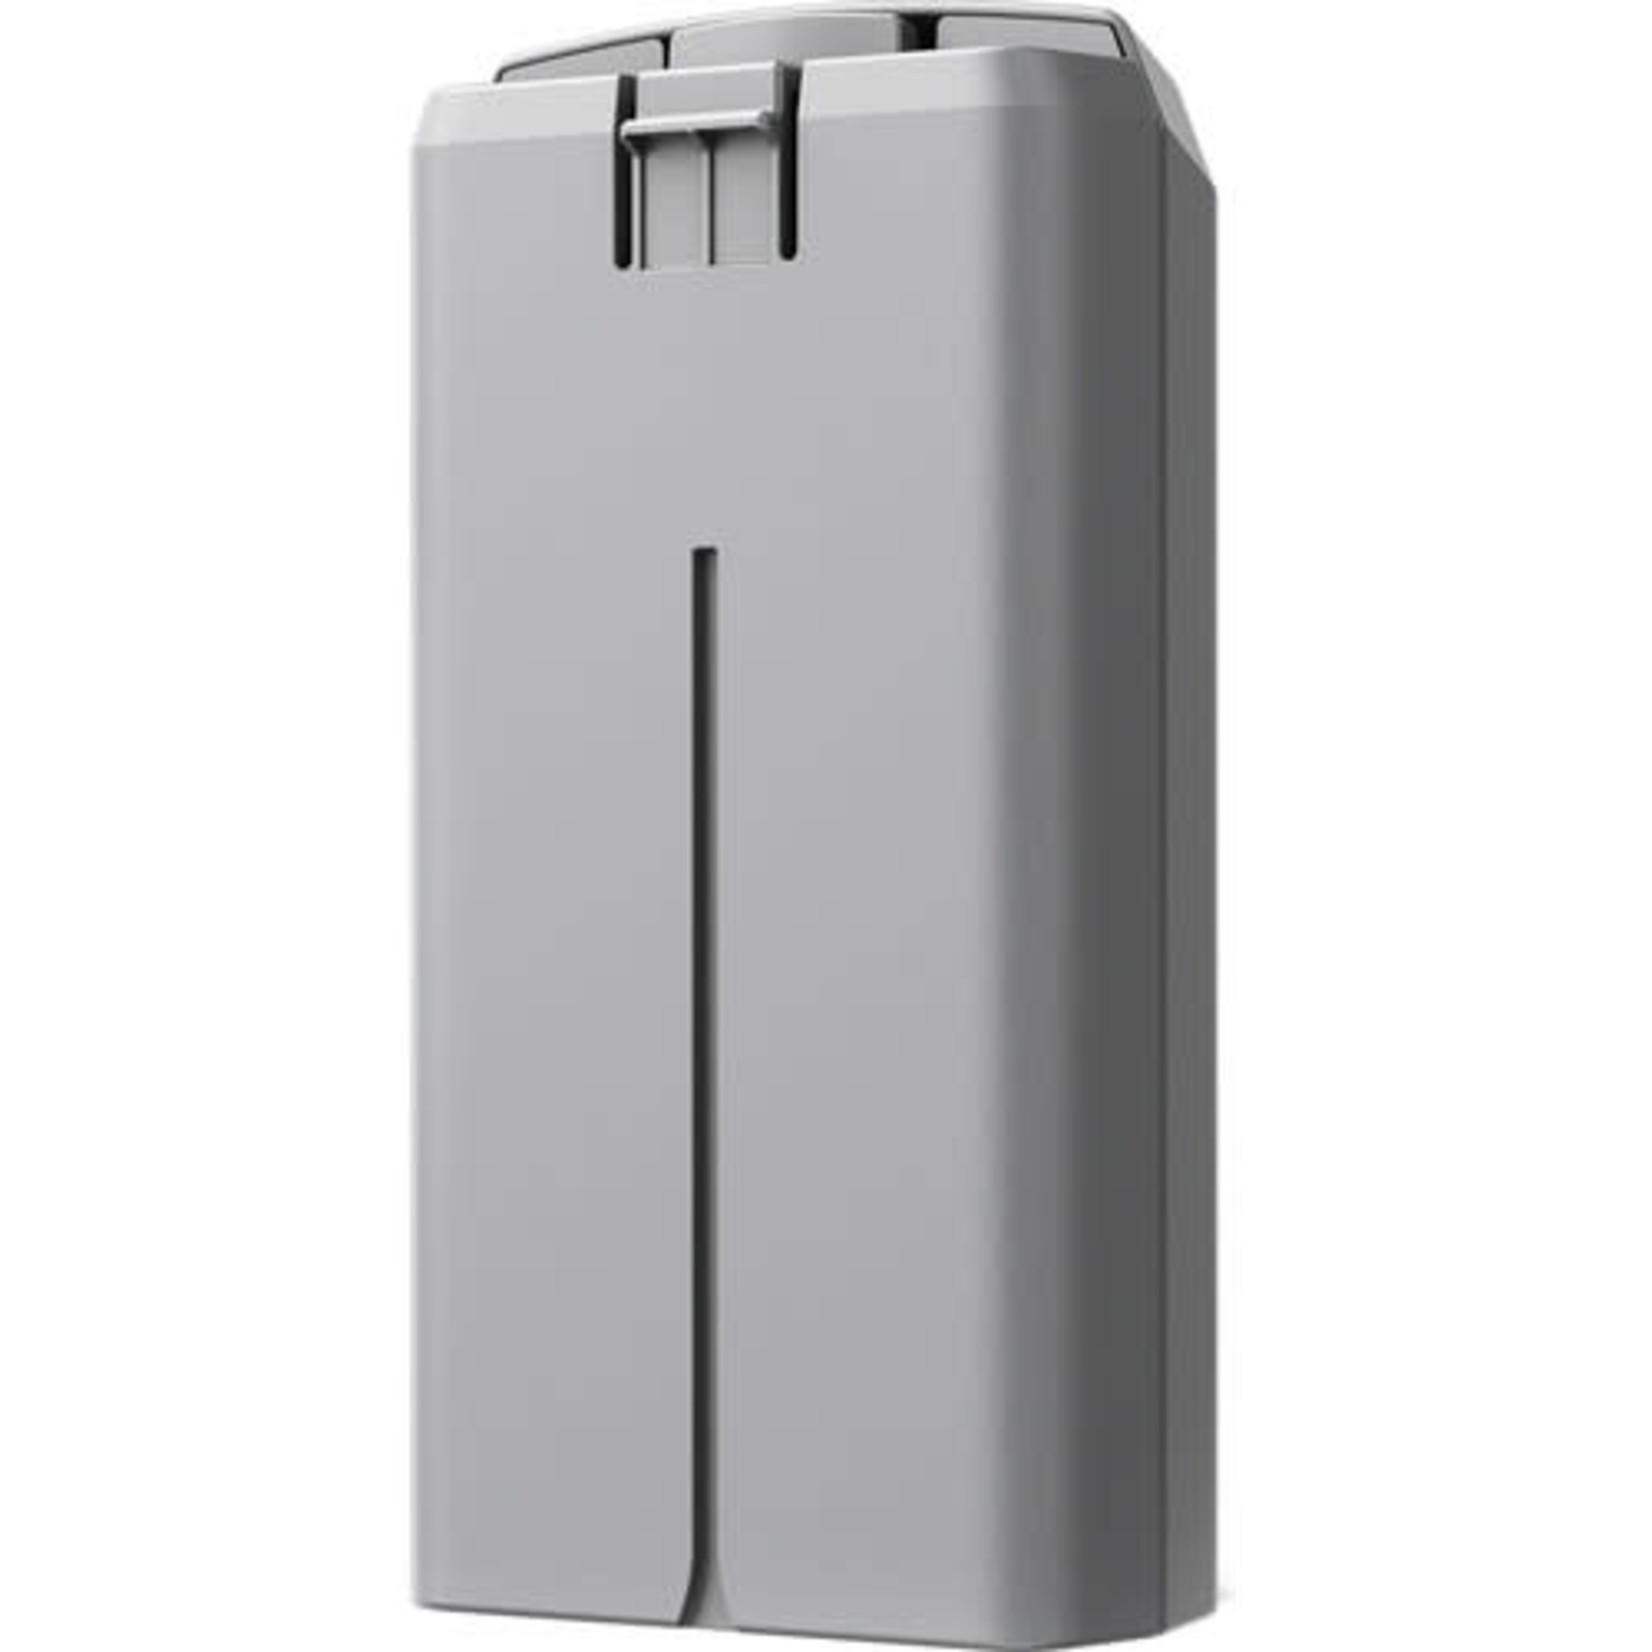 DJI DJI Intelligent Flight Battery for Mini 2